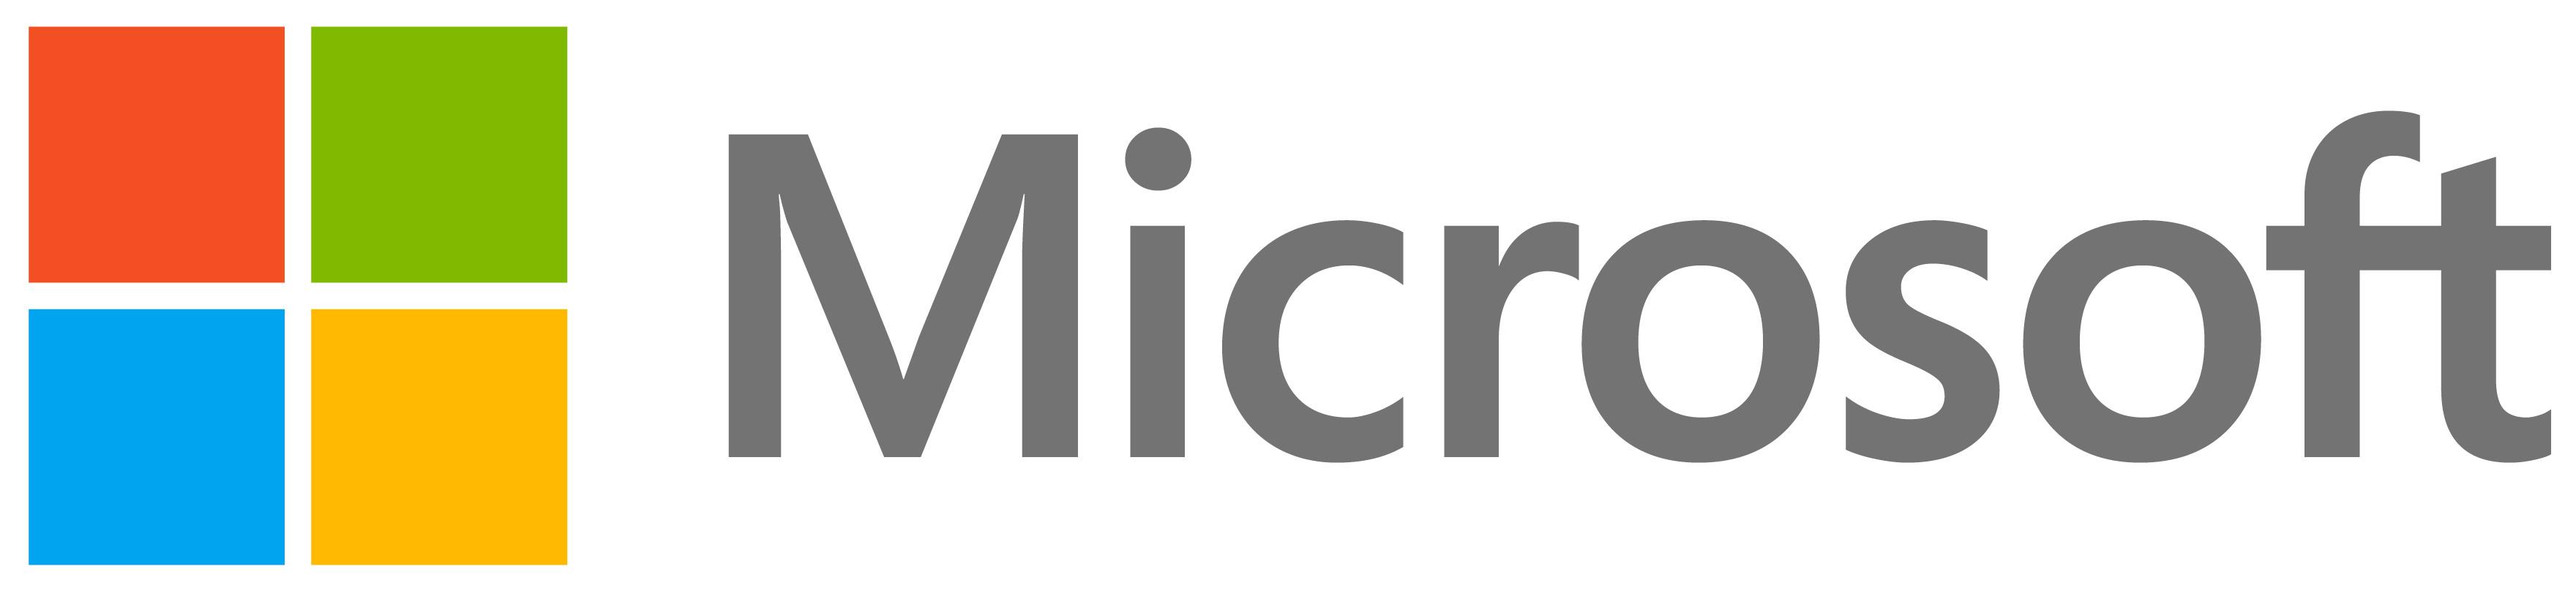 Microsoft regala 20 GB en SkyDrive a los usuarios de Windows Phone